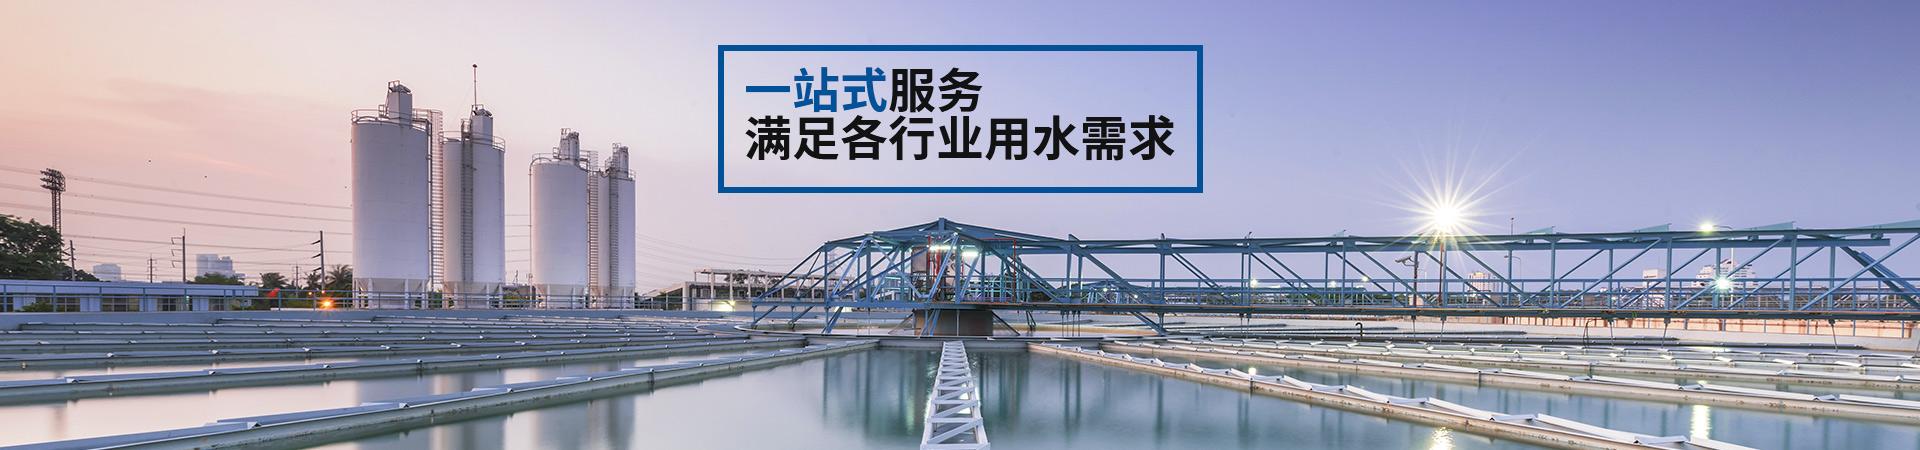 凯萨诺一站式服务,满足各行业用水需求